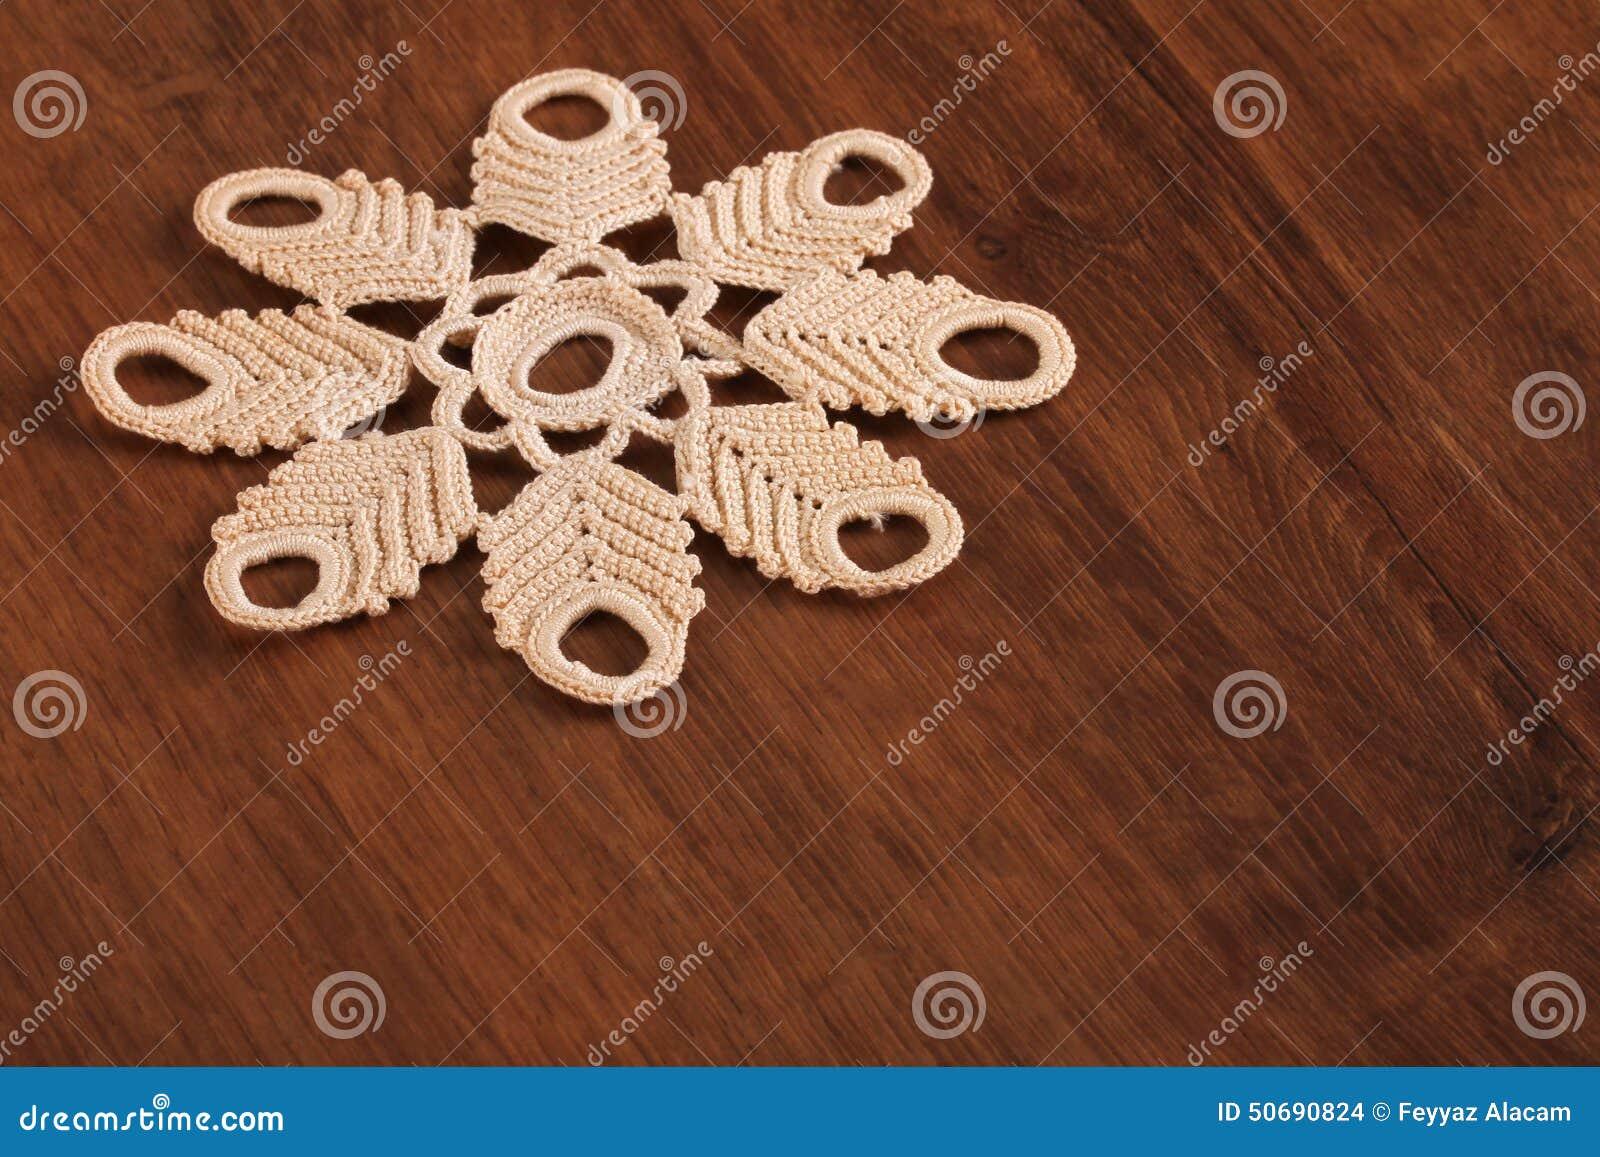 Download 在木头的手工制造鞋带 库存照片. 图片 包括有 对象, 中间, 曲线, 自创, 纺织品, 手工, 家具, beautifuler - 50690824